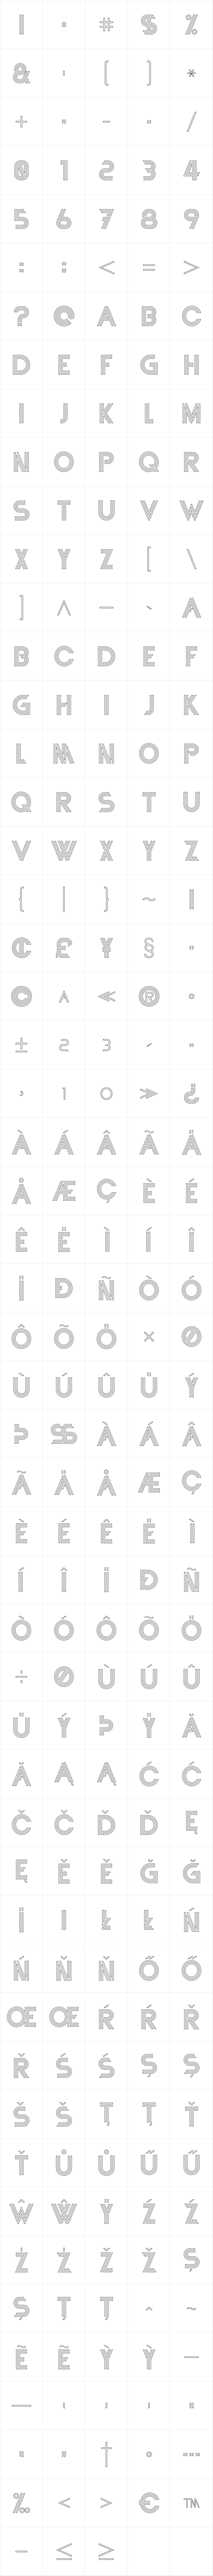 Orb Outline